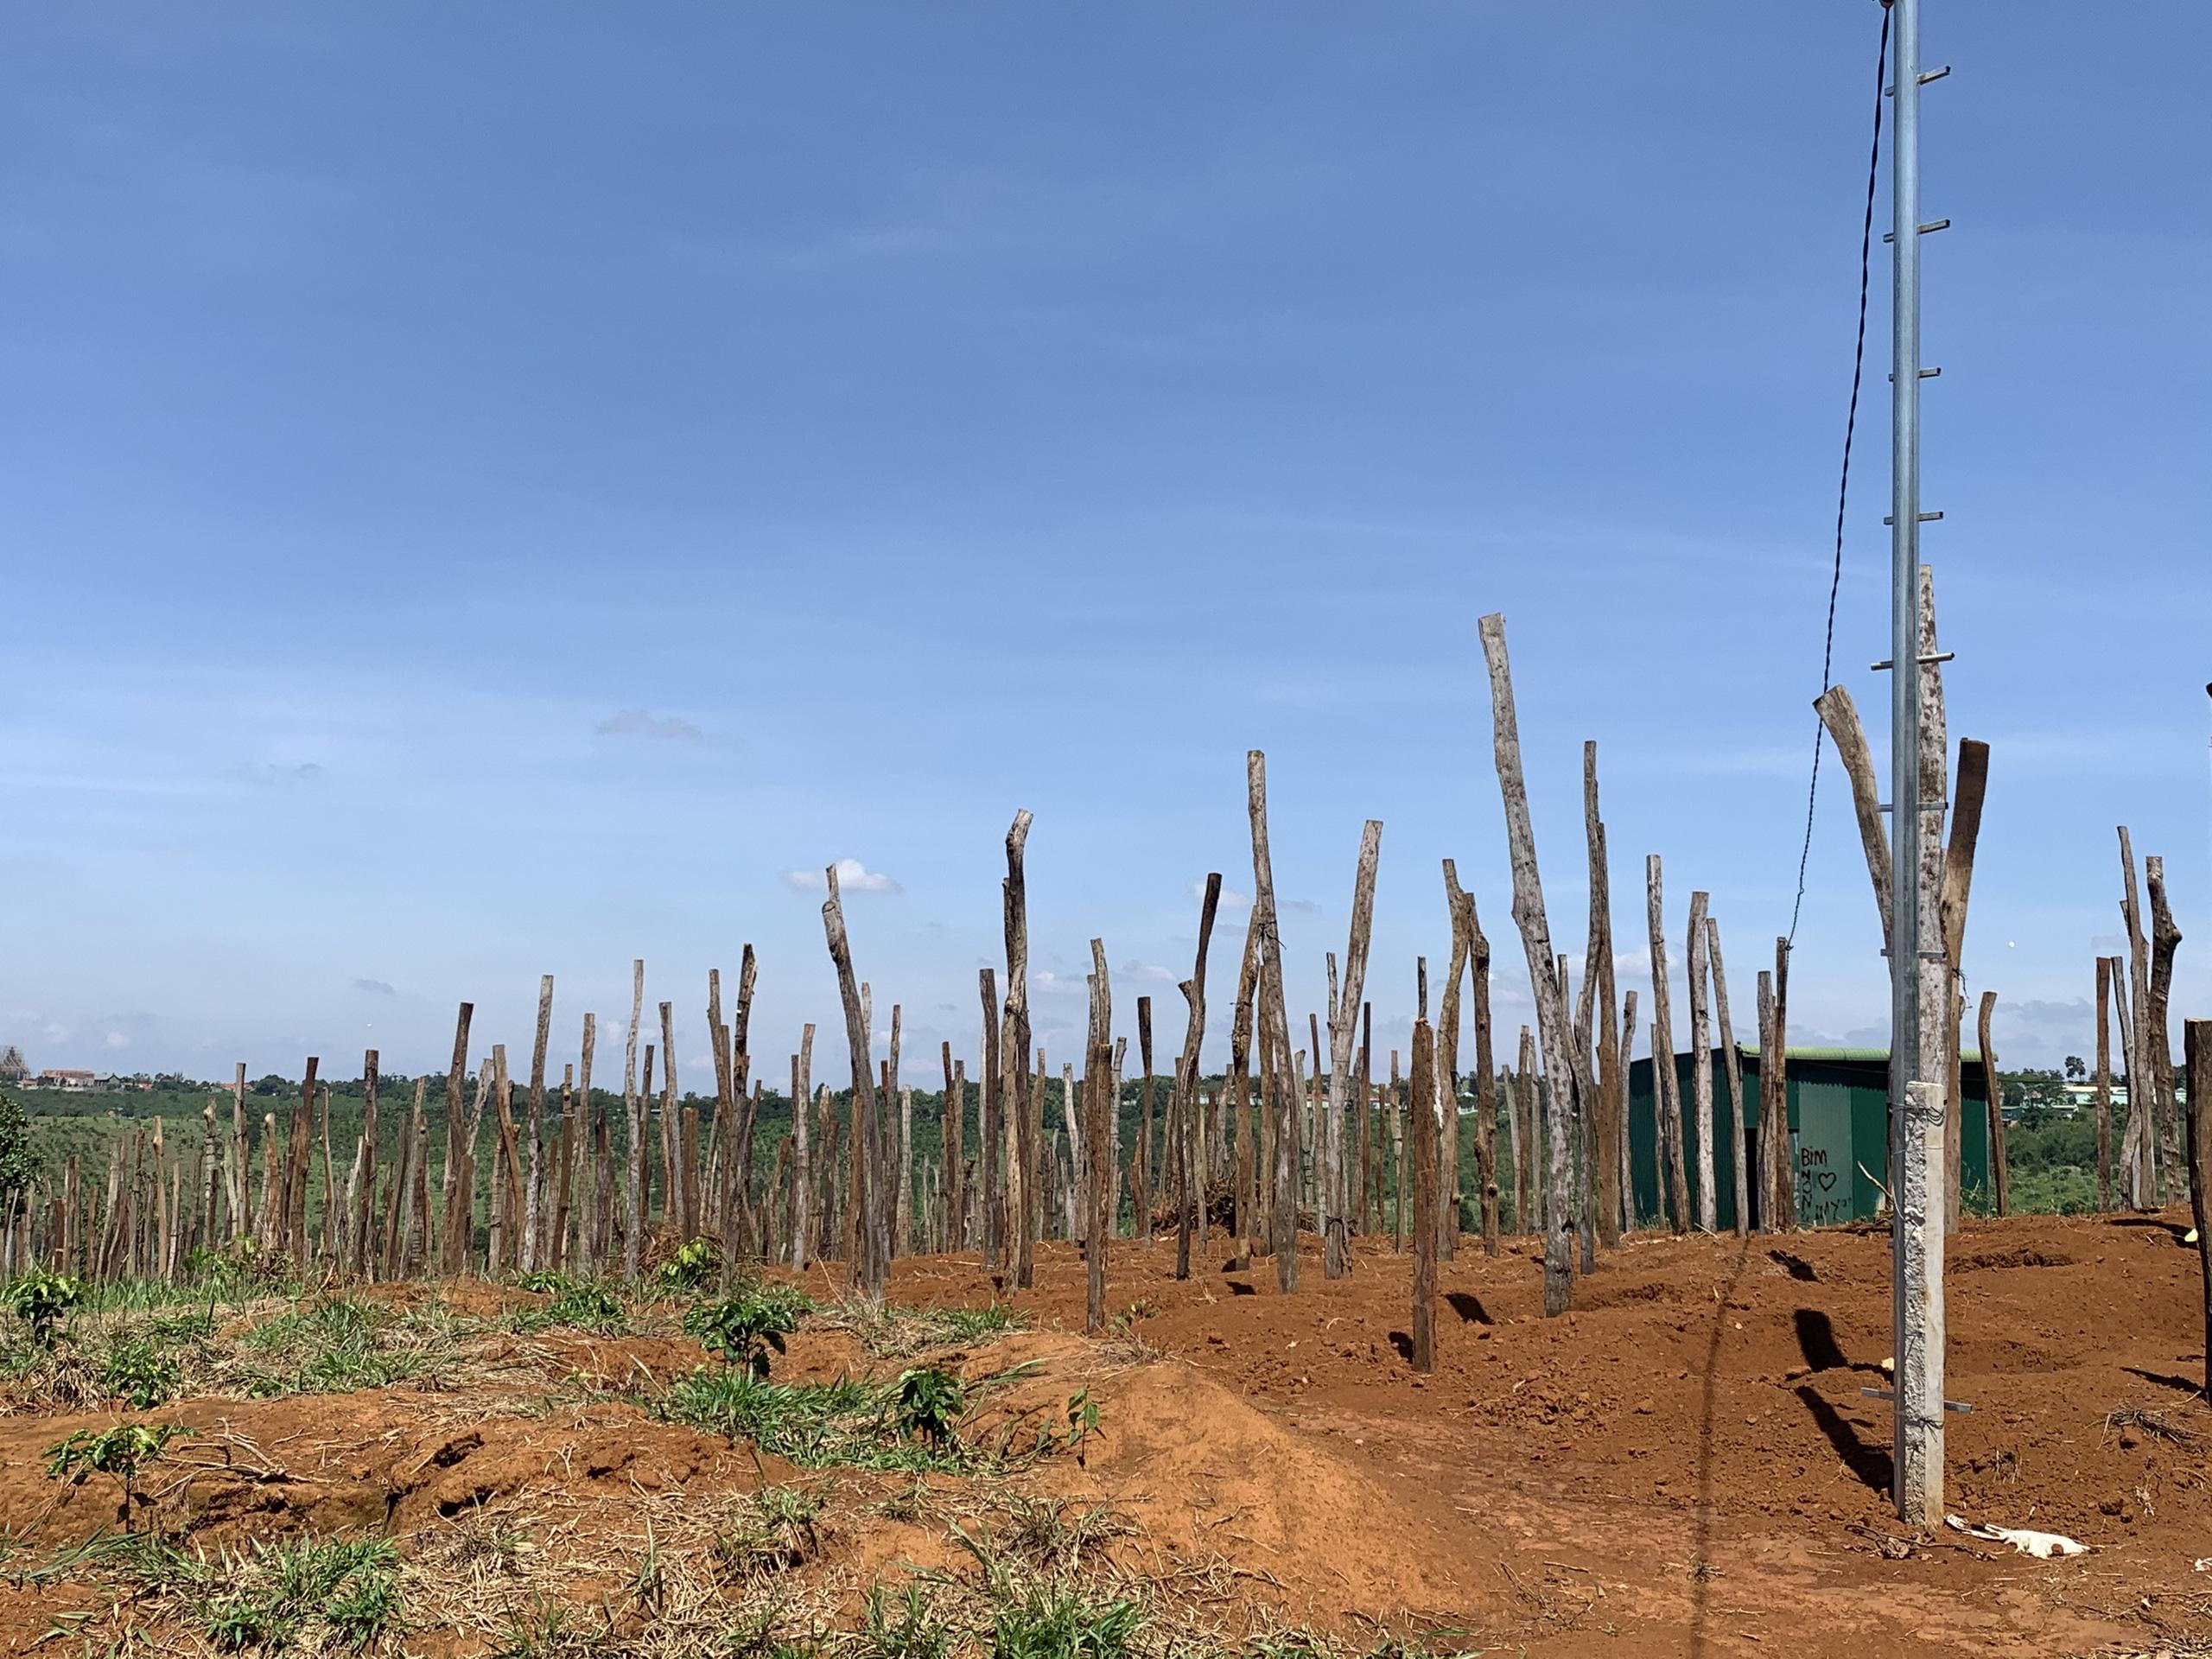 Đắk Nông: Dân lại ồ ạt trồng hồ tiêu vì giá tăng cao - Ảnh 2.